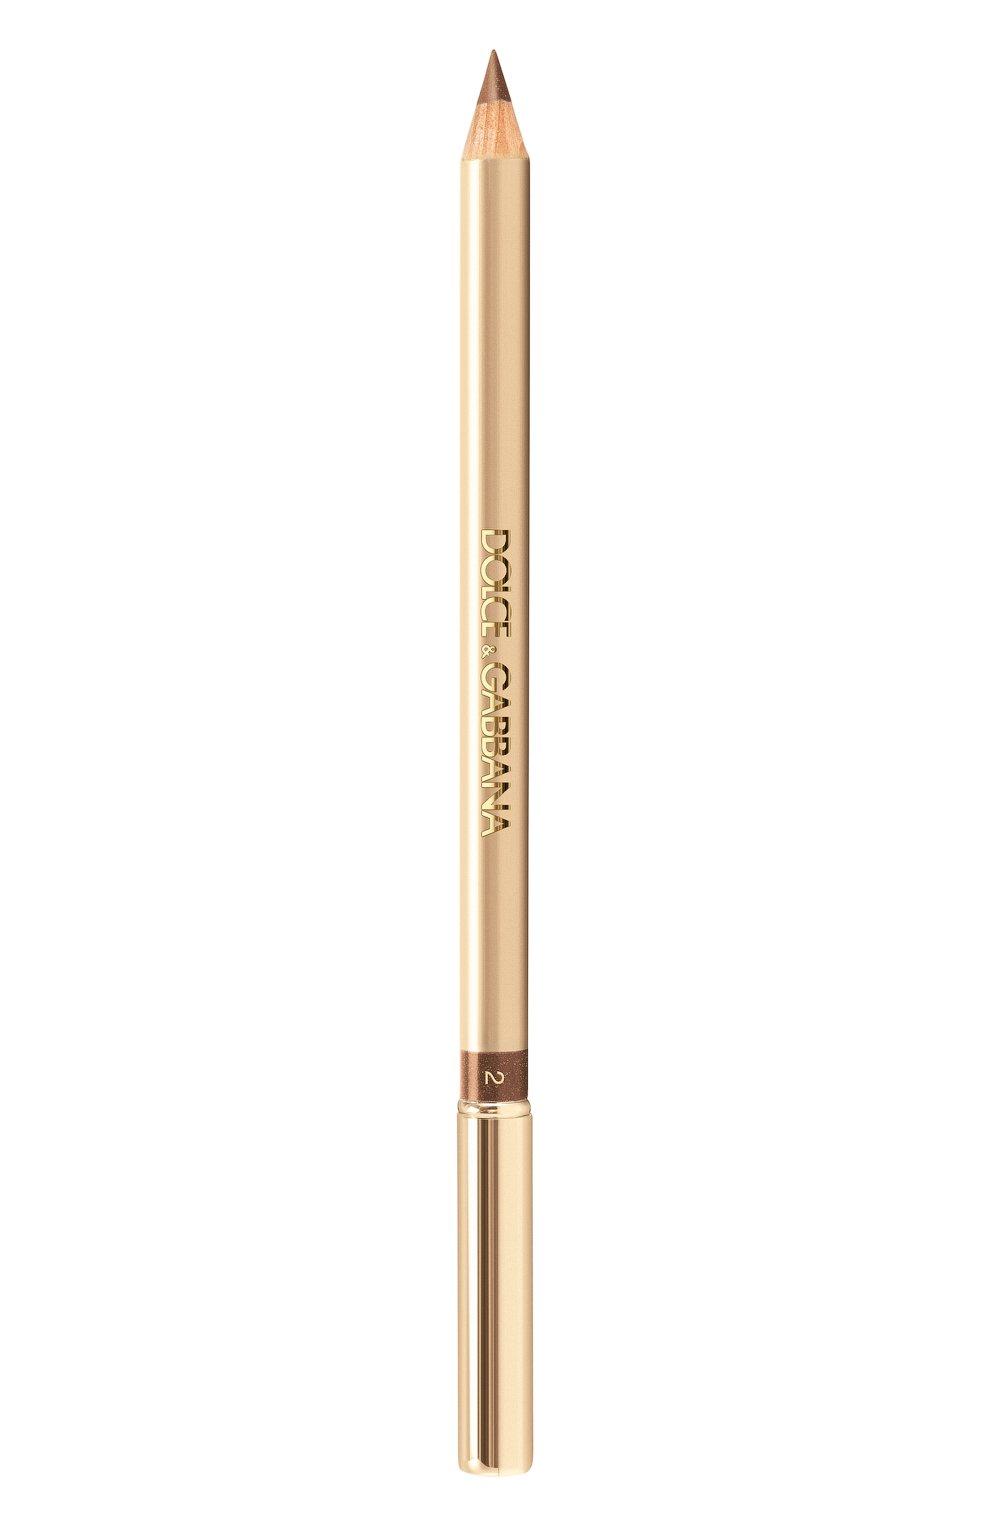 Женский карандаш для глаз, оттенок 2 coffee DOLCE & GABBANA бесцветного цвета, арт. 3024435DG | Фото 1